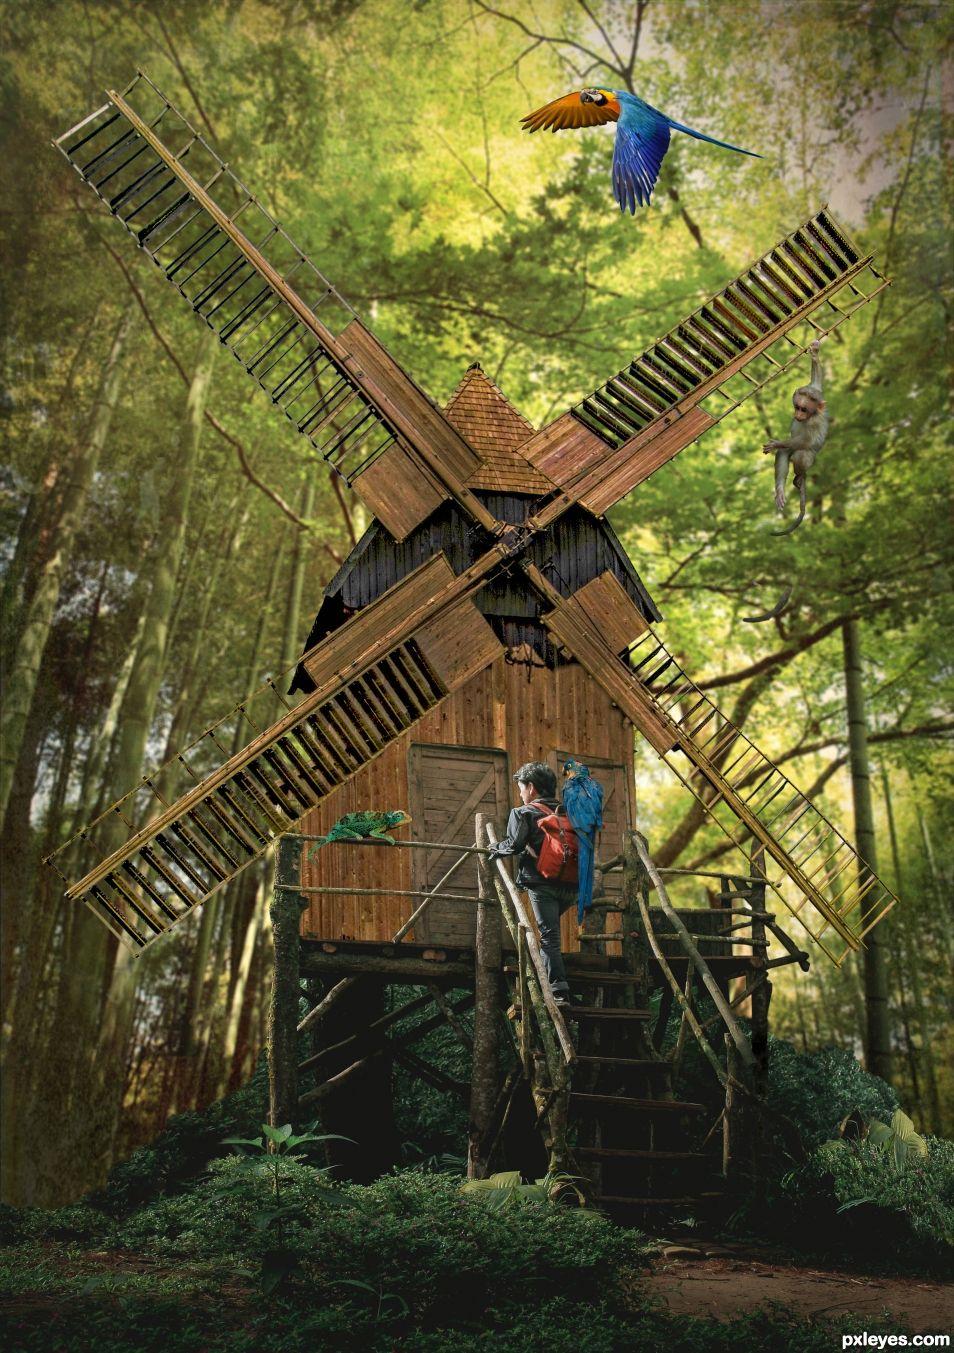 Jungle mill